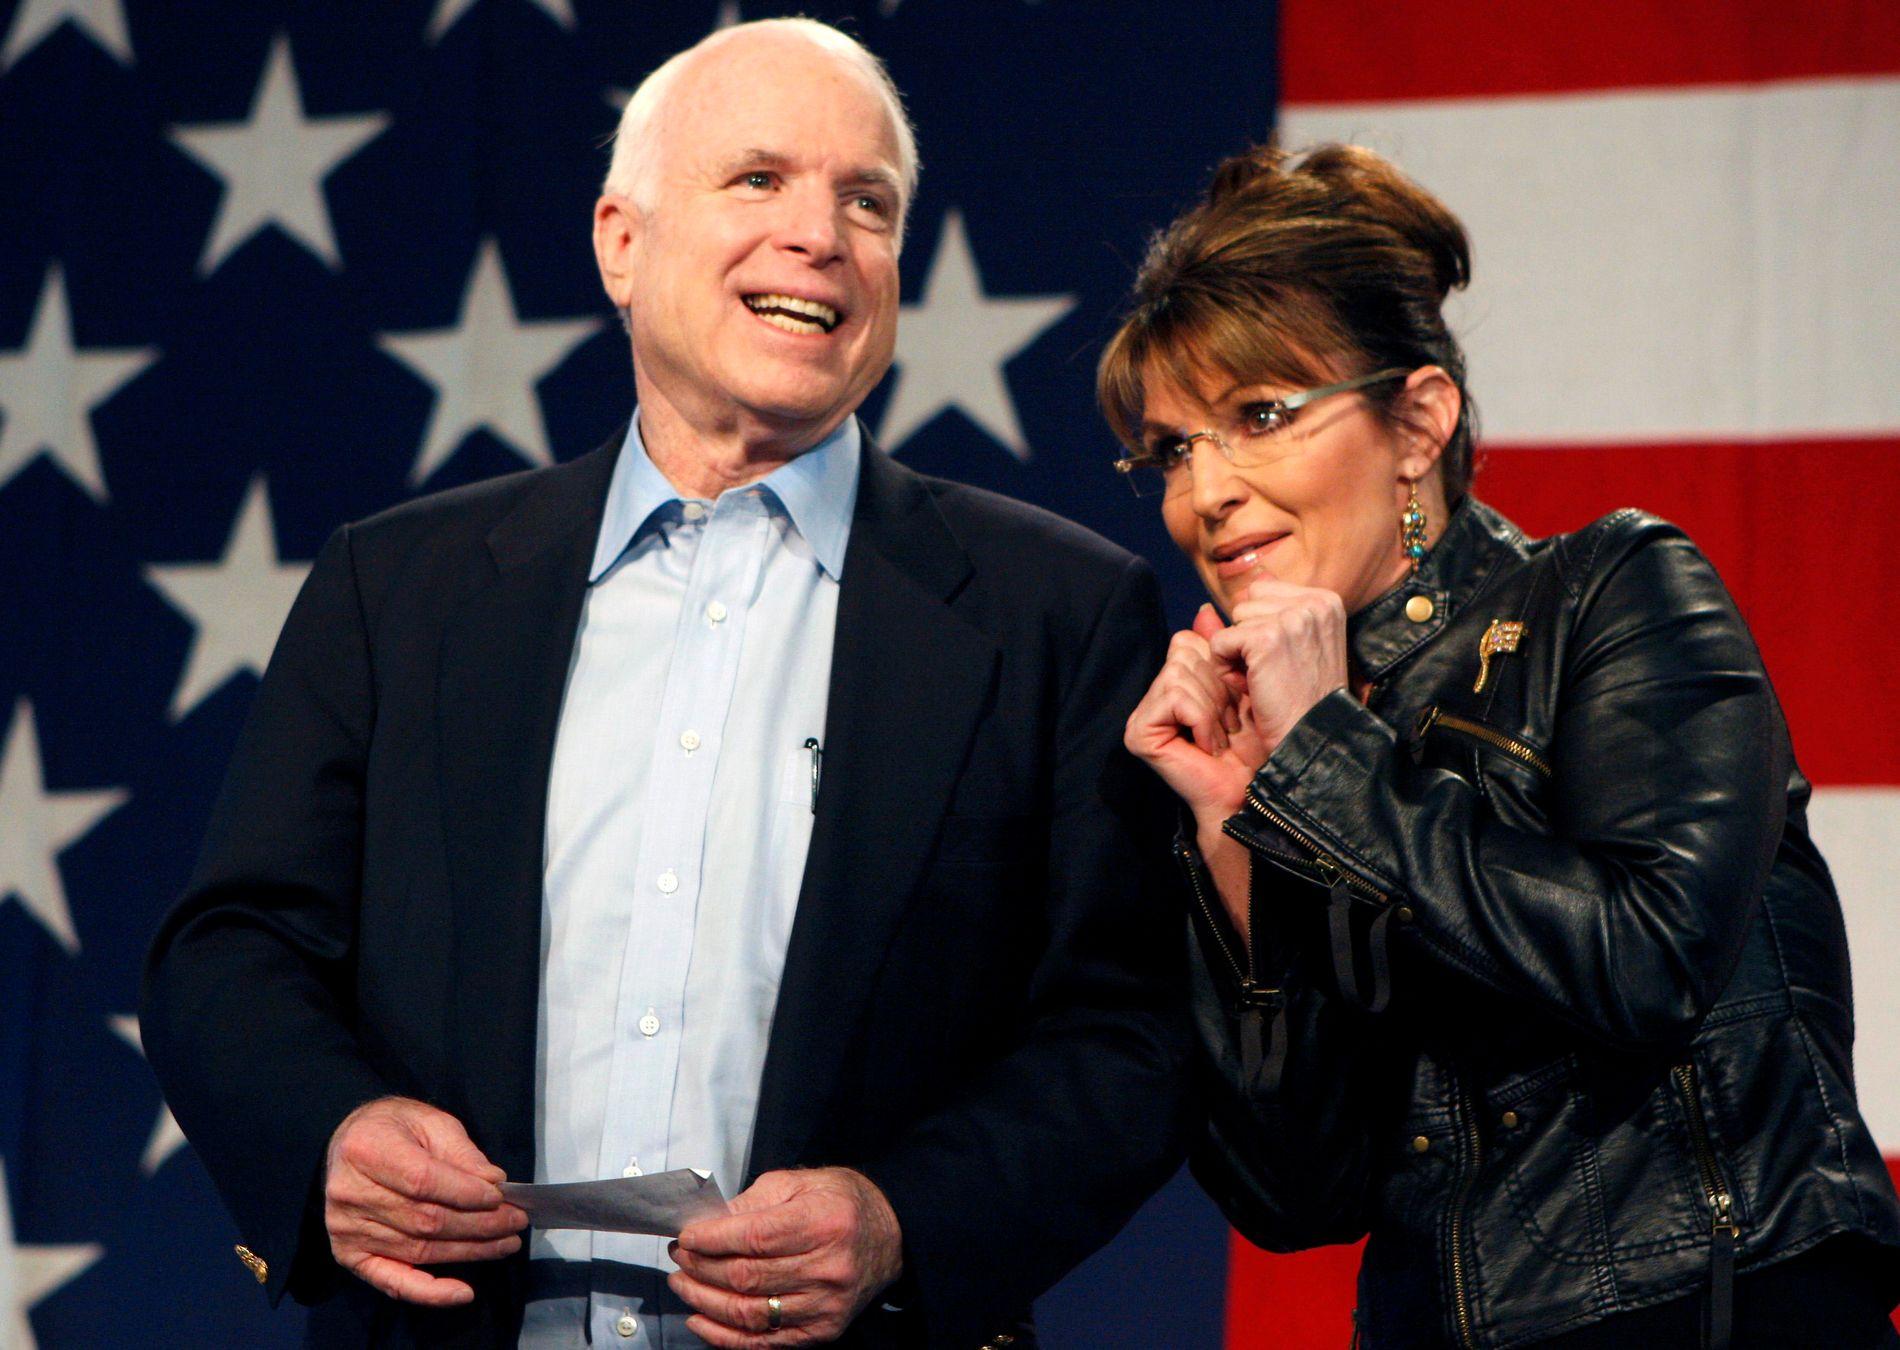 VISEPRESIDENTKANDIDAT: John McCain valgte Palin som sin visepresident da han gikk for å bli president i 2008.